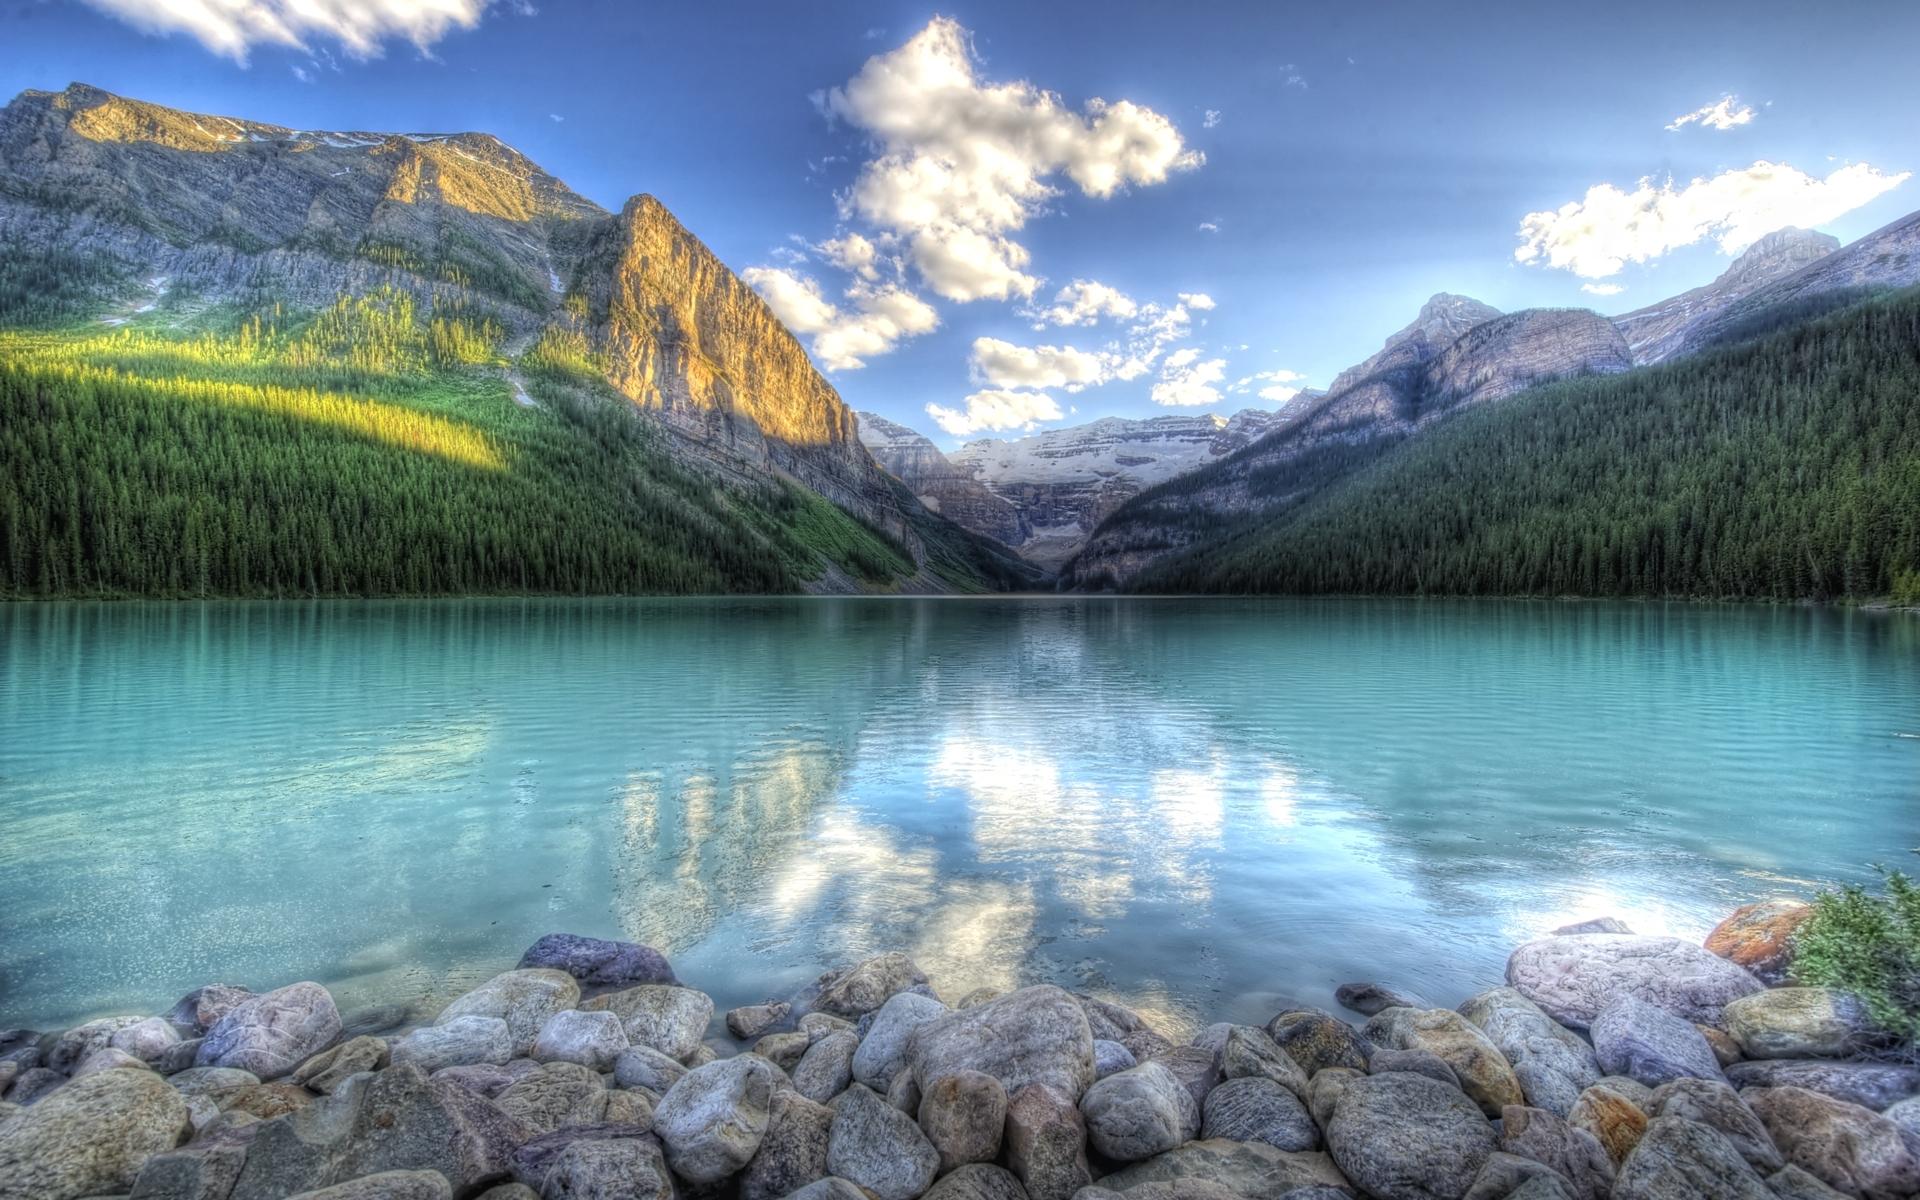 23453 скачать обои Пейзаж, Горы, Облака, Озера - заставки и картинки бесплатно